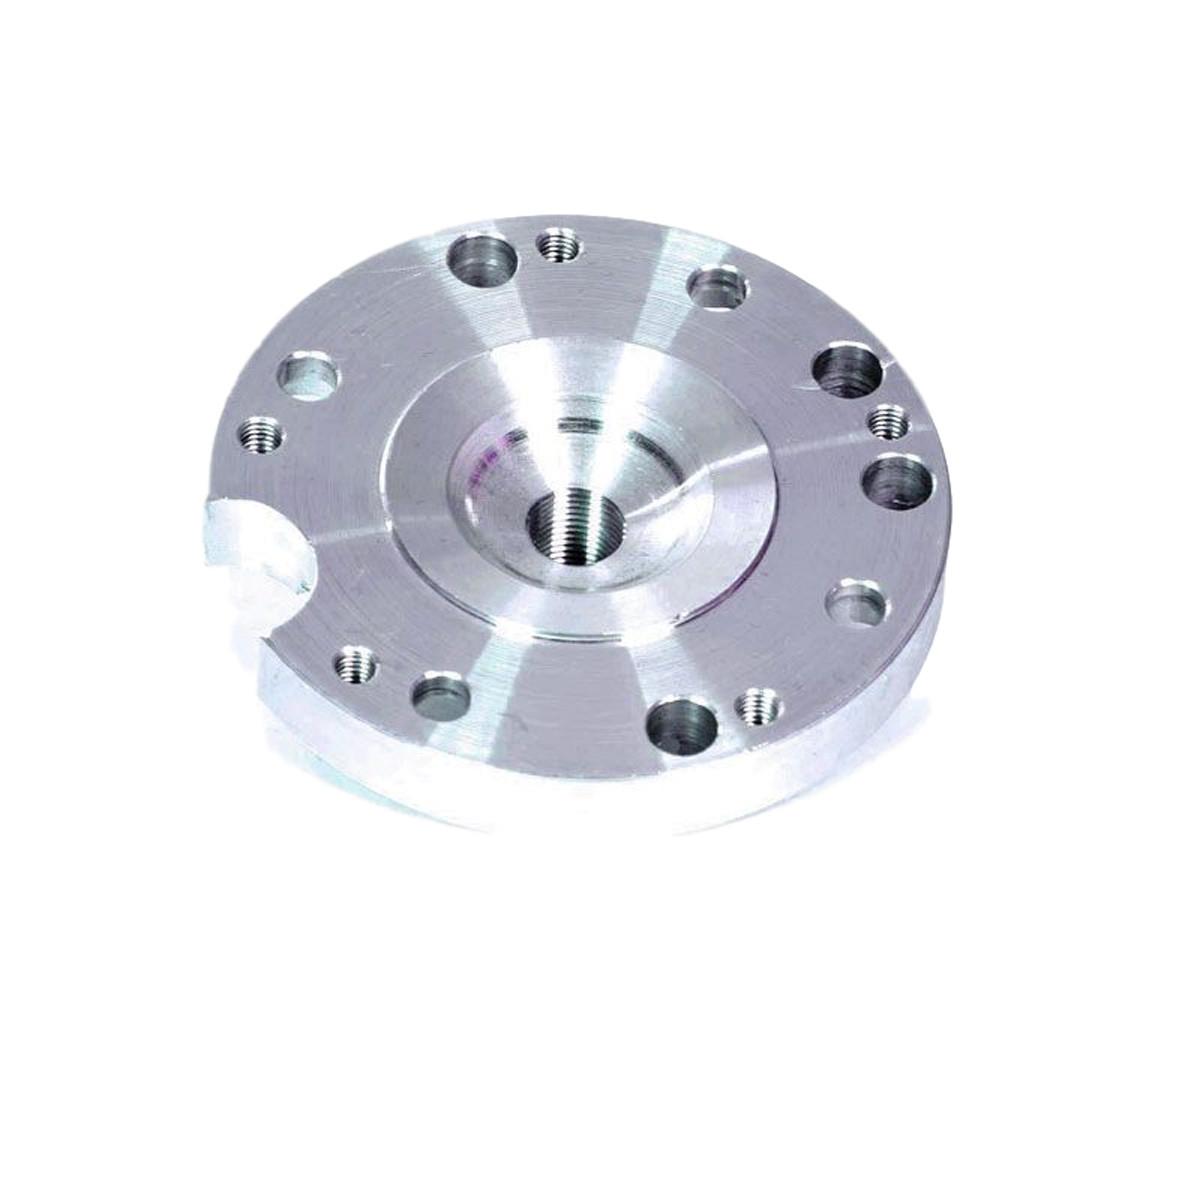 Plot de Culasse DERBI E3 50mm - MVT